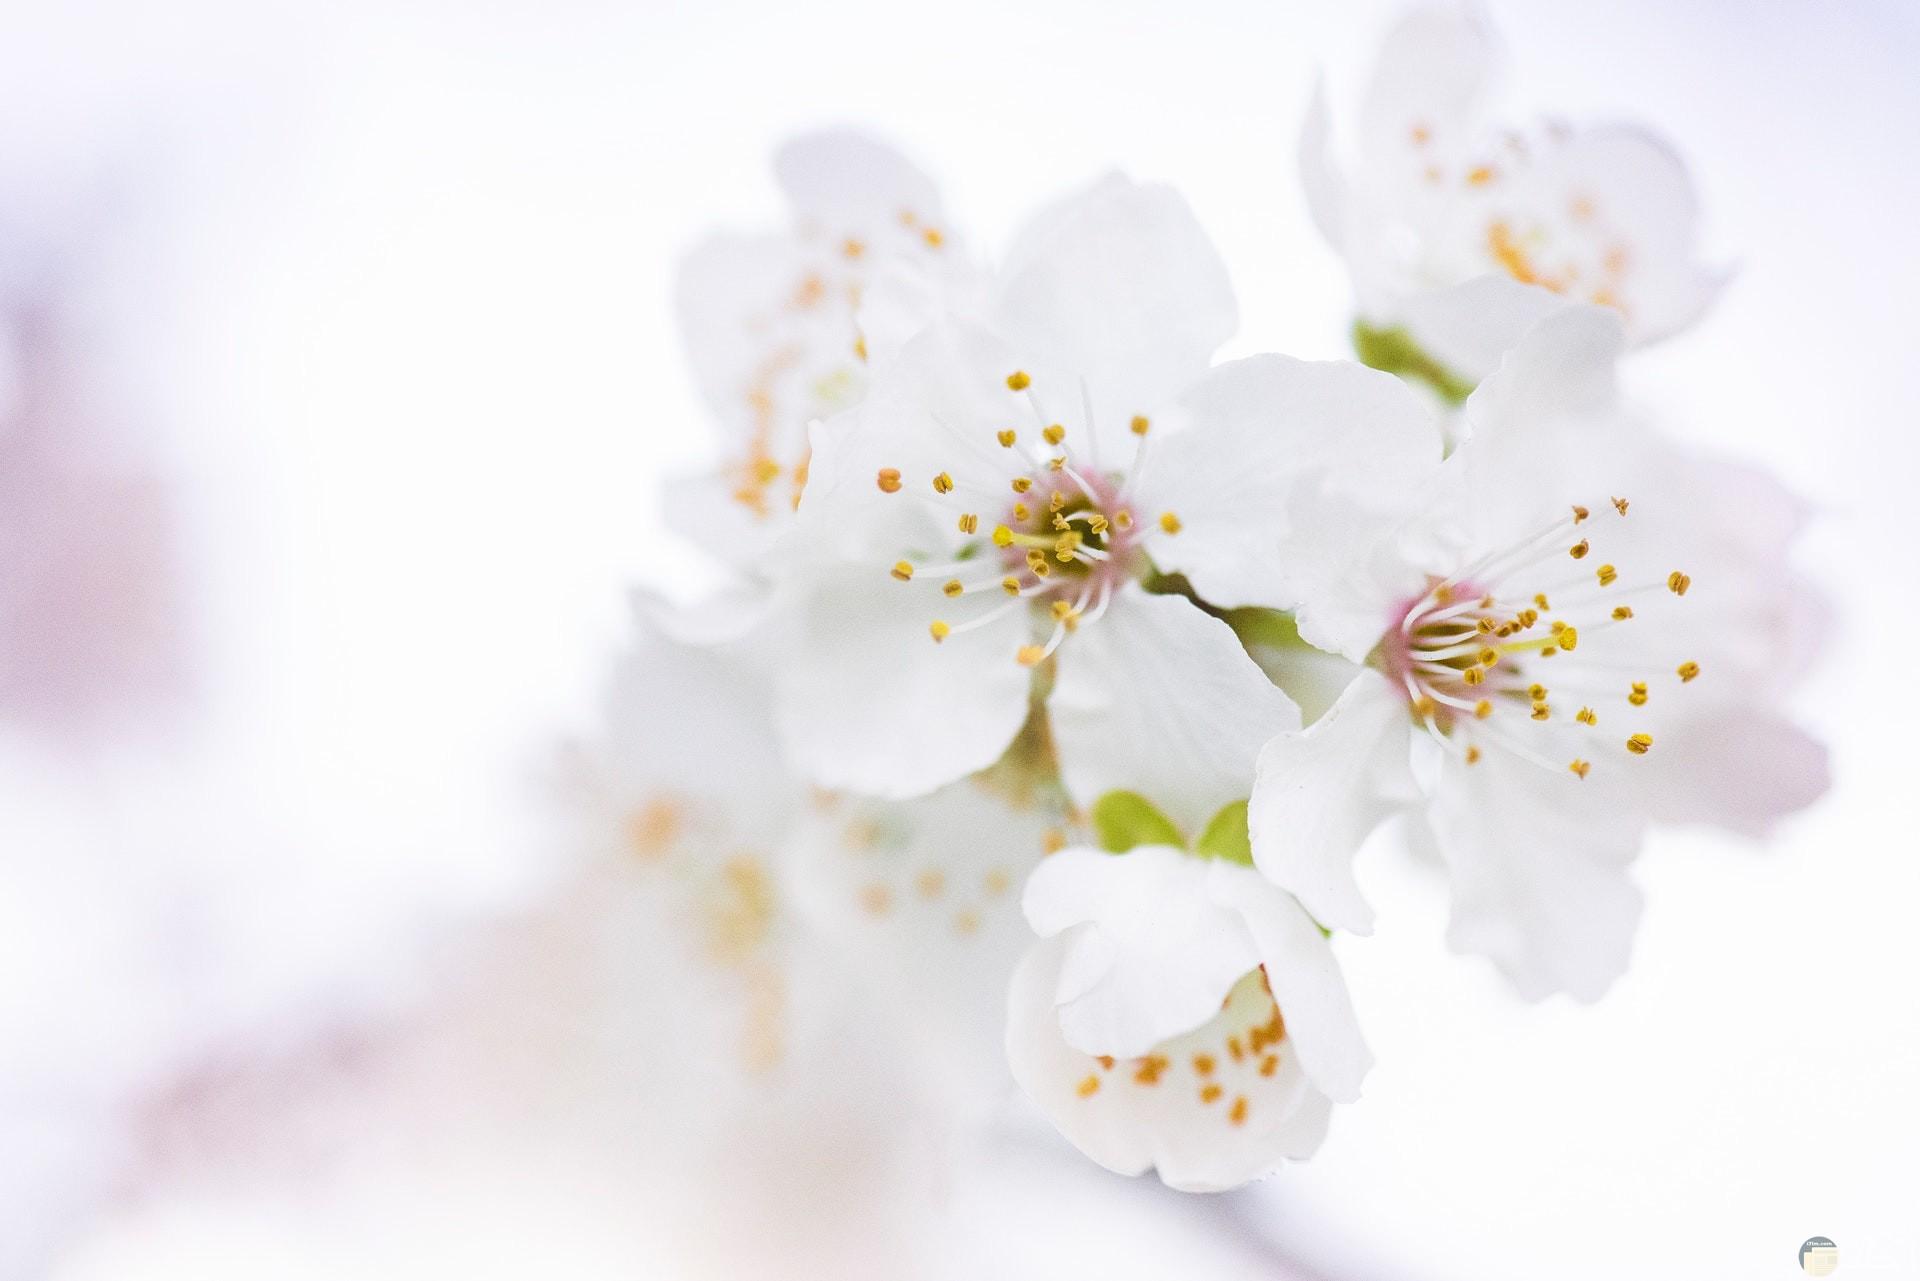 صورة حلوة لمجموعة من الوردات البيضاء الجميلة جدا